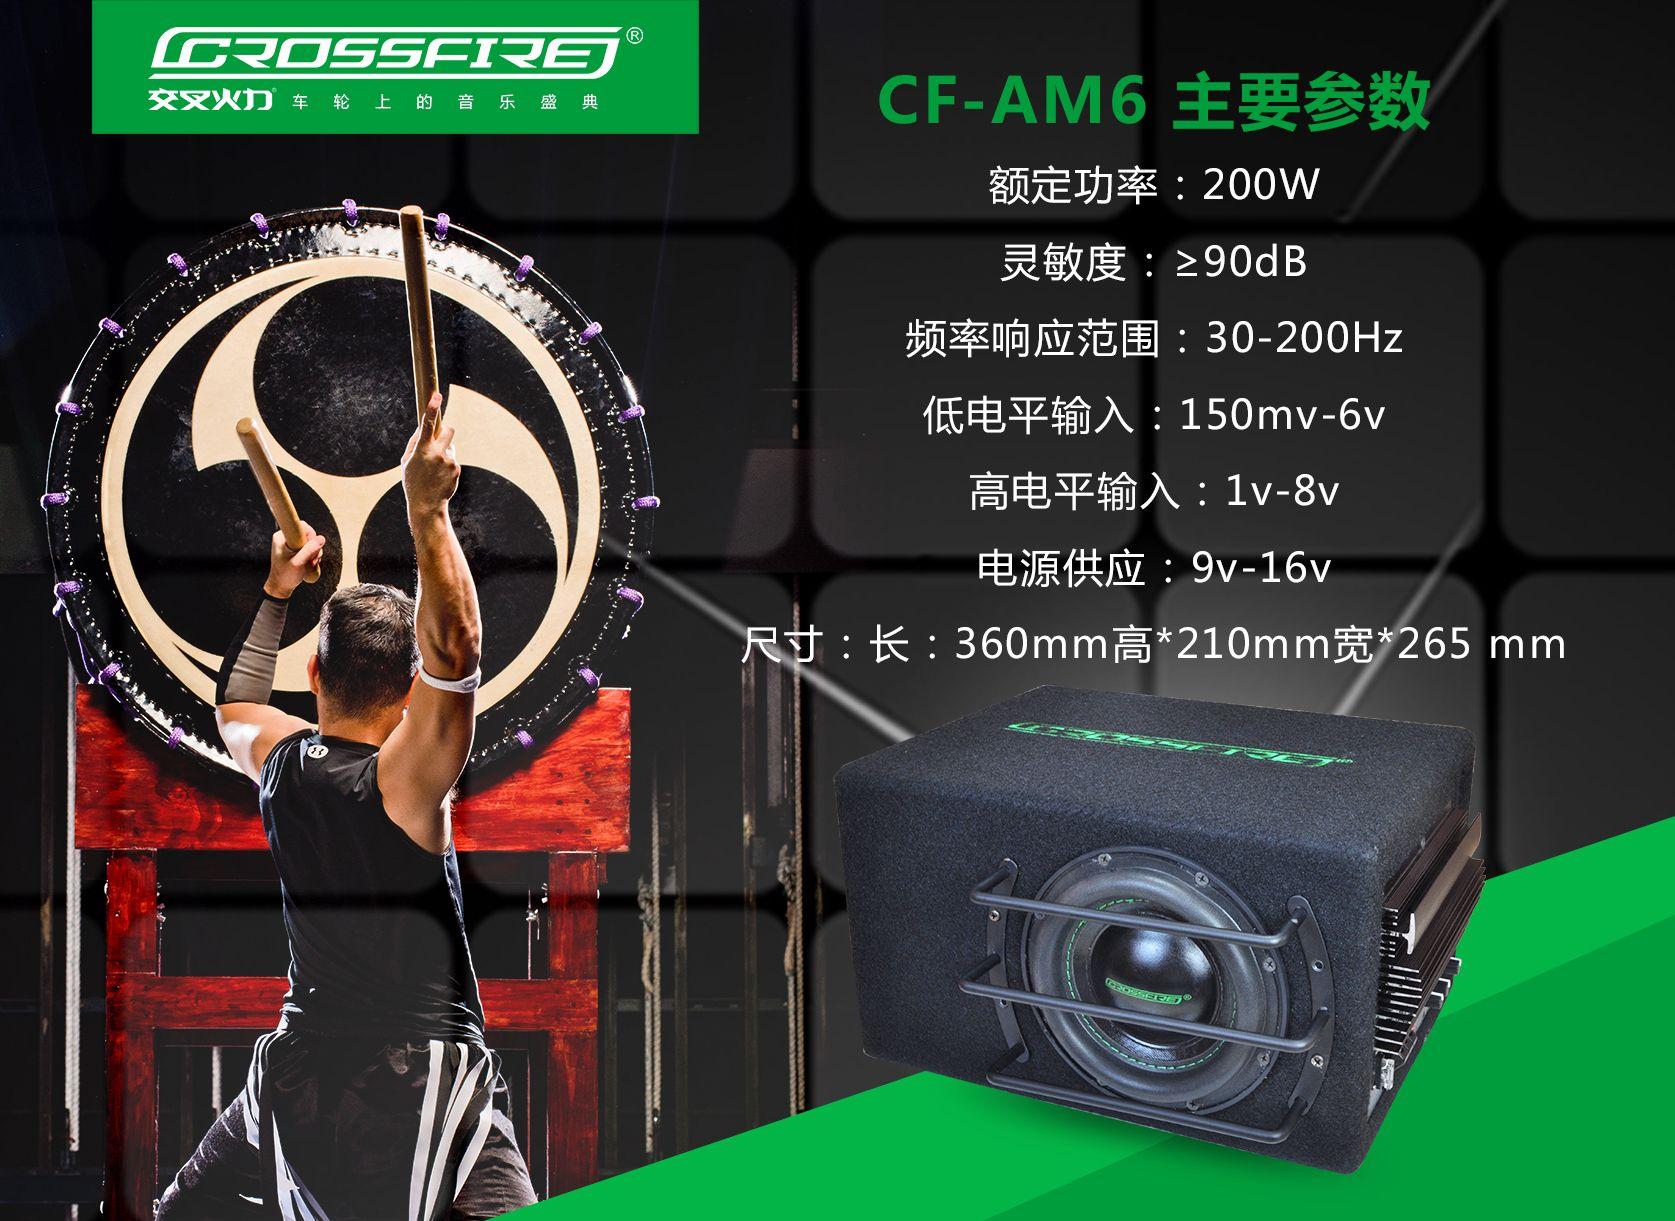 CF-AM6